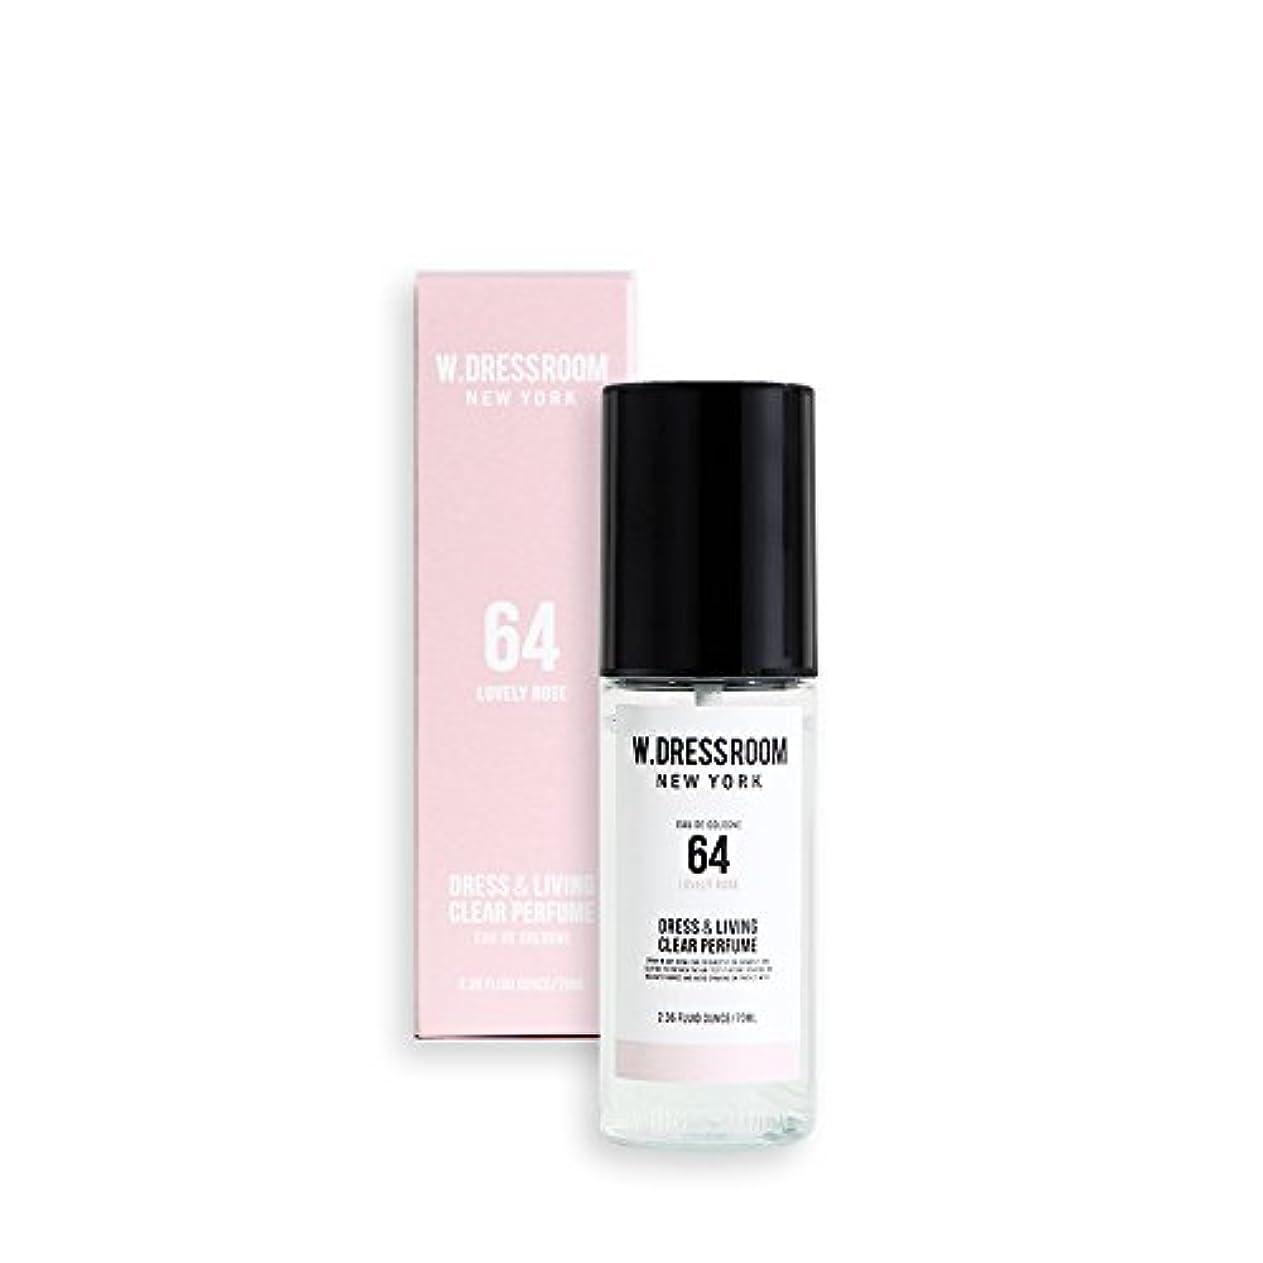 無秩序破壊コースW.DRESSROOM Dress & Living Clear Perfume 70ml/ダブルドレスルーム ドレス&リビング クリア パフューム 70ml (#No.64 Lovely Rose) [並行輸入品]